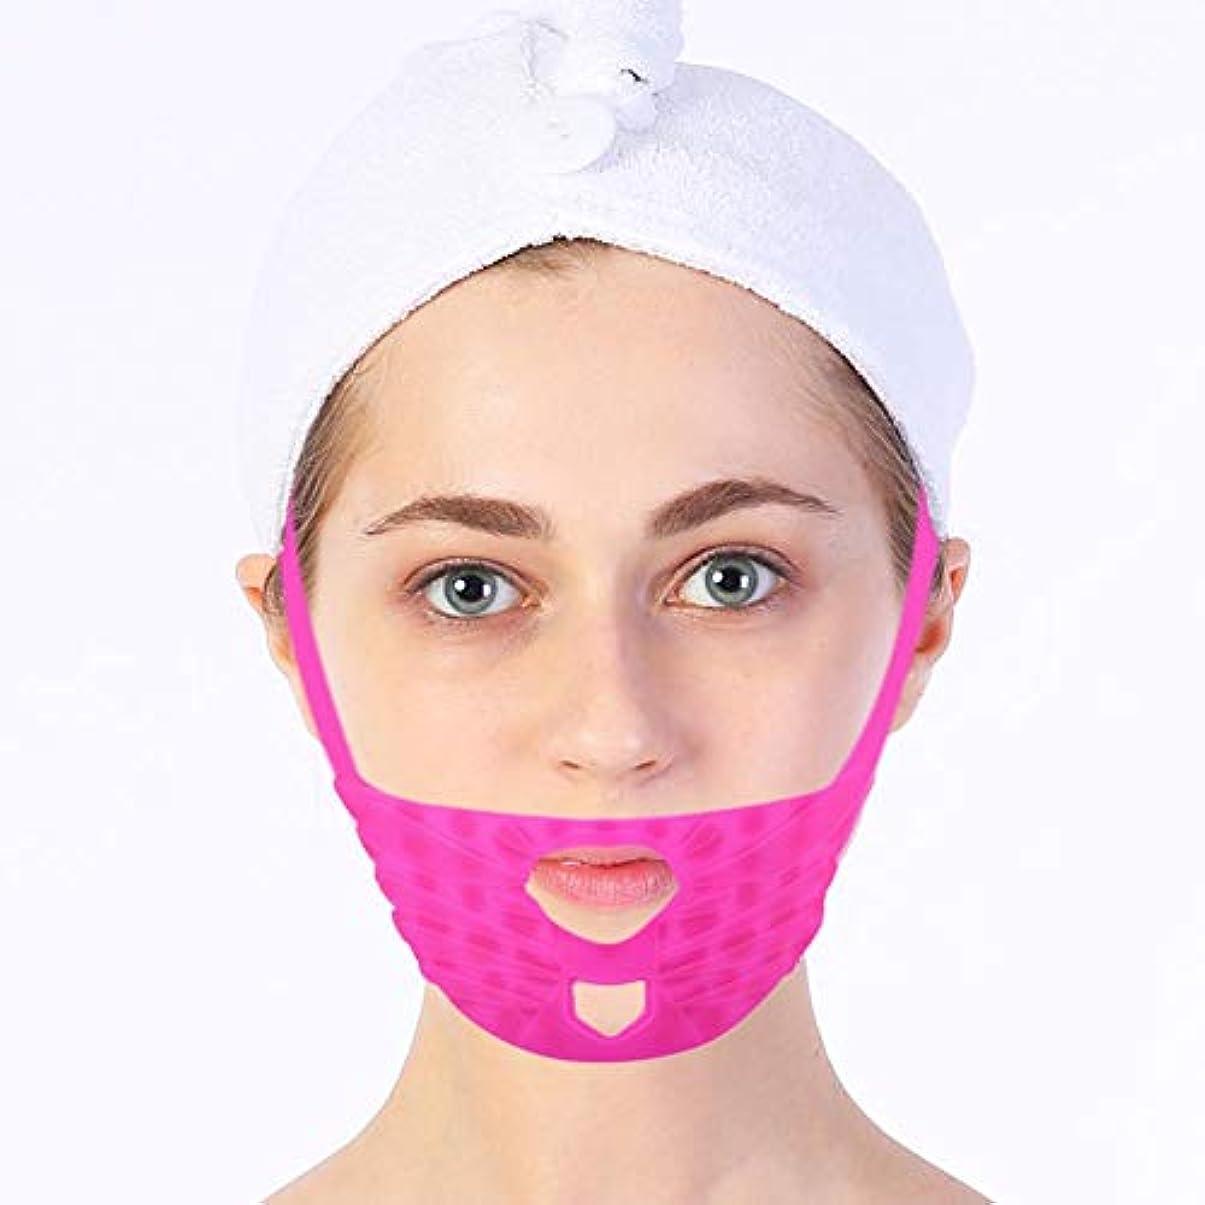 病気だと思う警察化石Semmeフェイシャルリフティング引き締め痩身マスク、マッサージフェイスシリコン包帯Vラインマスク首の圧縮二重あご、変更ダブルチェーンマスク引き締まった肌を減らす